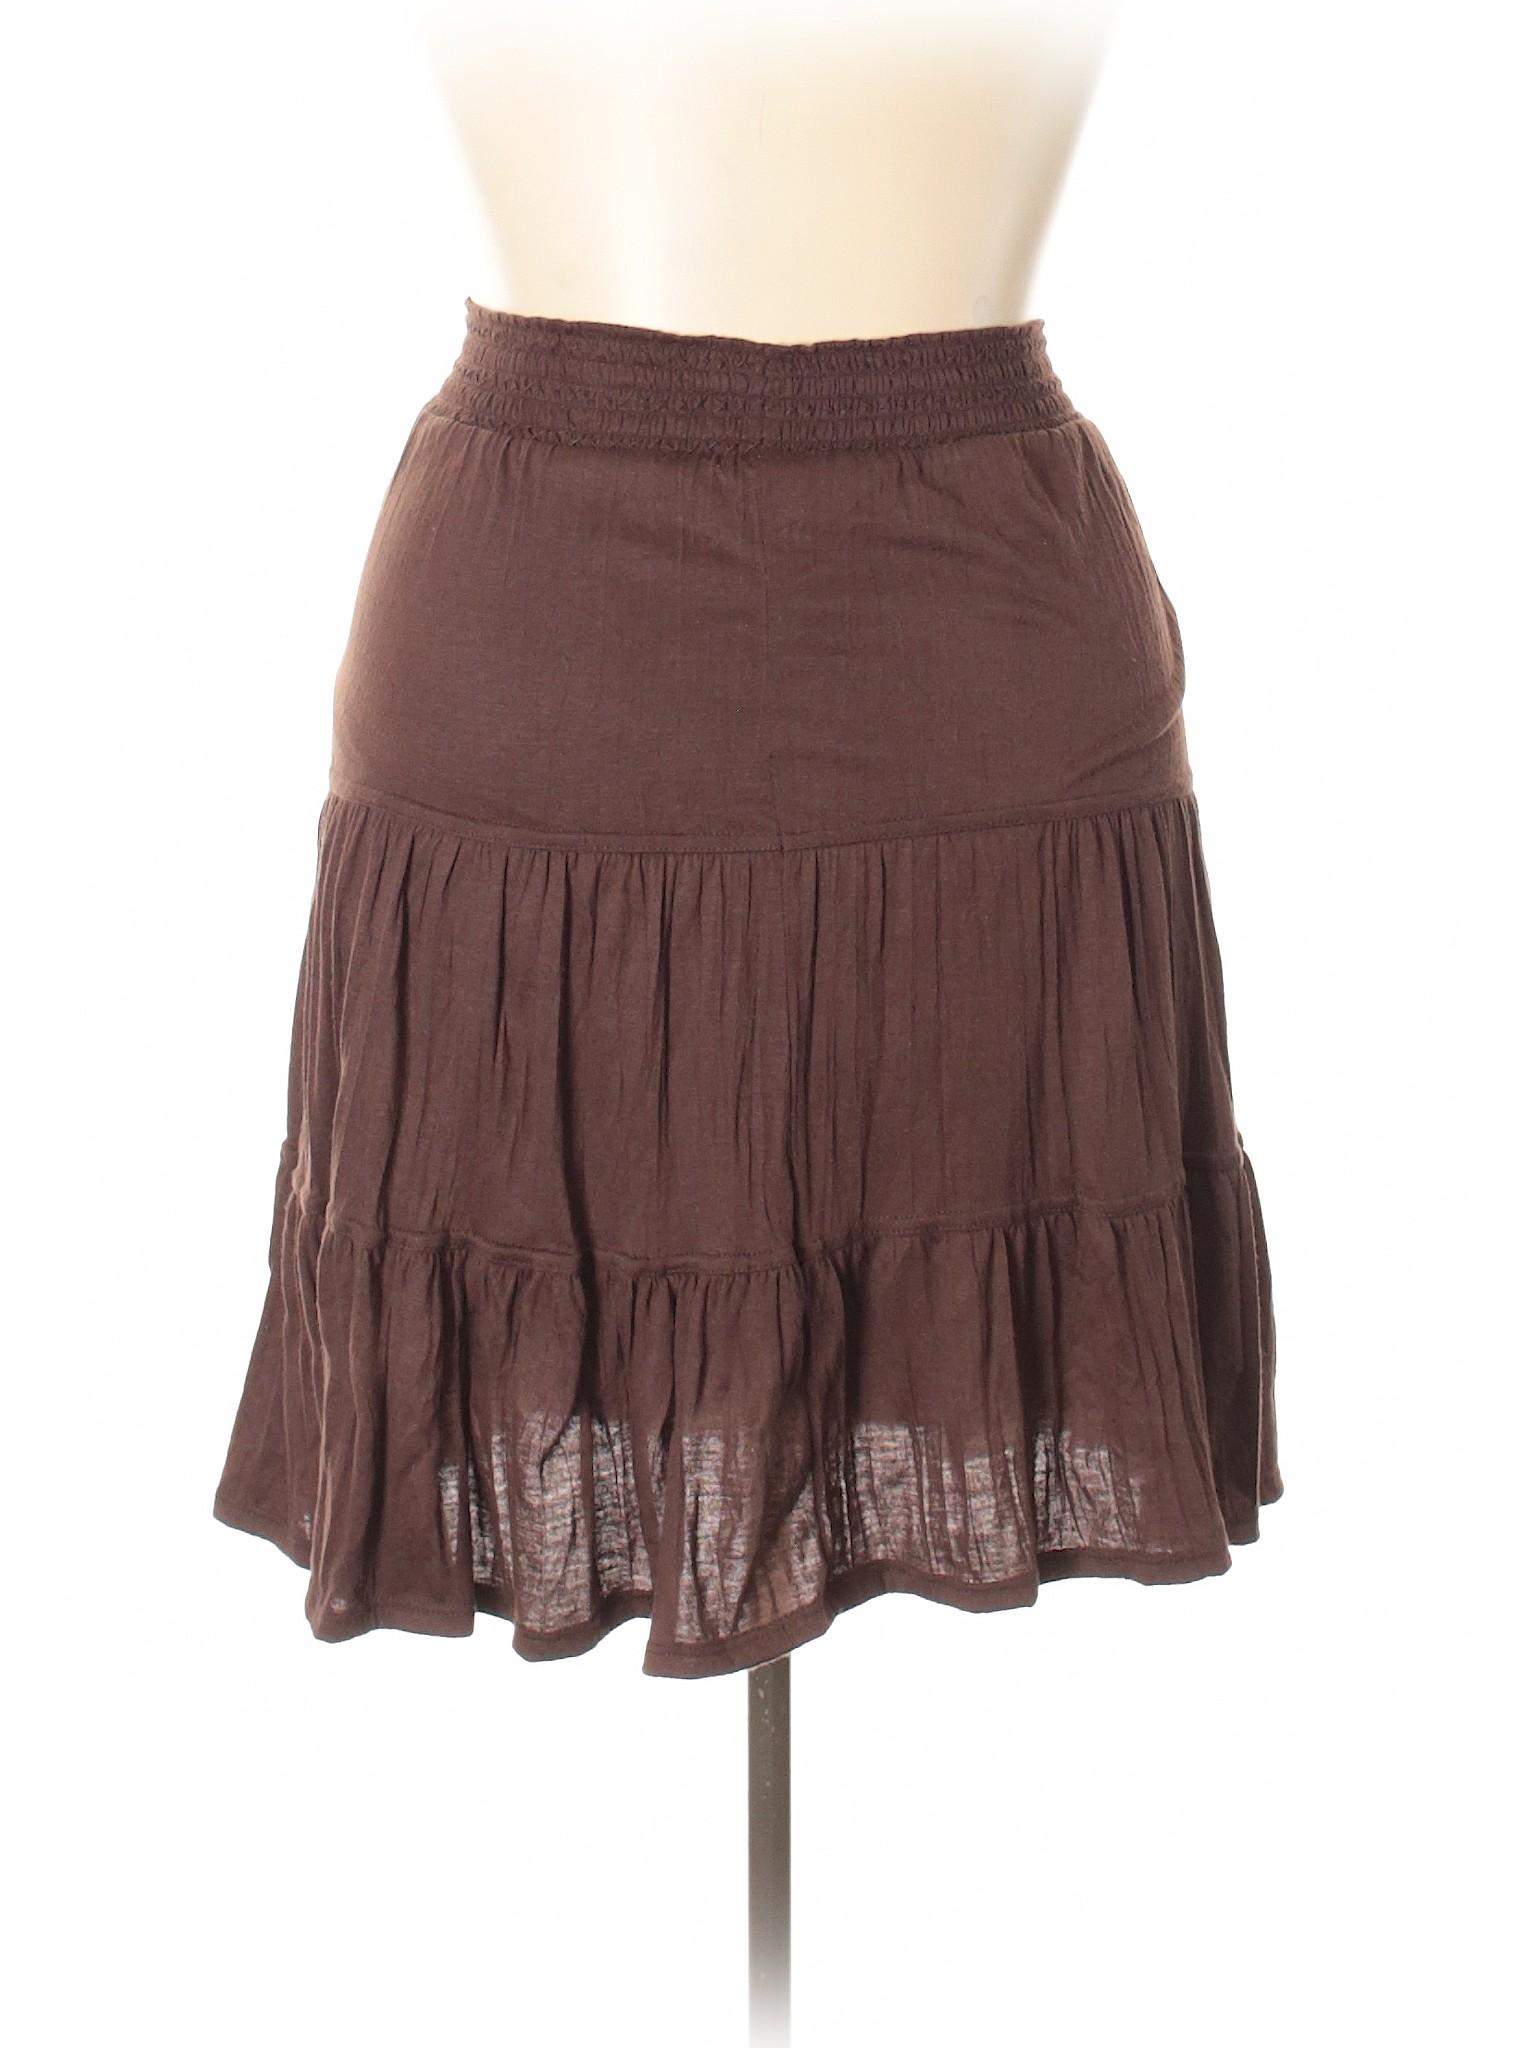 Casual Casual Cato Boutique Skirt Boutique Cato F7qUTn